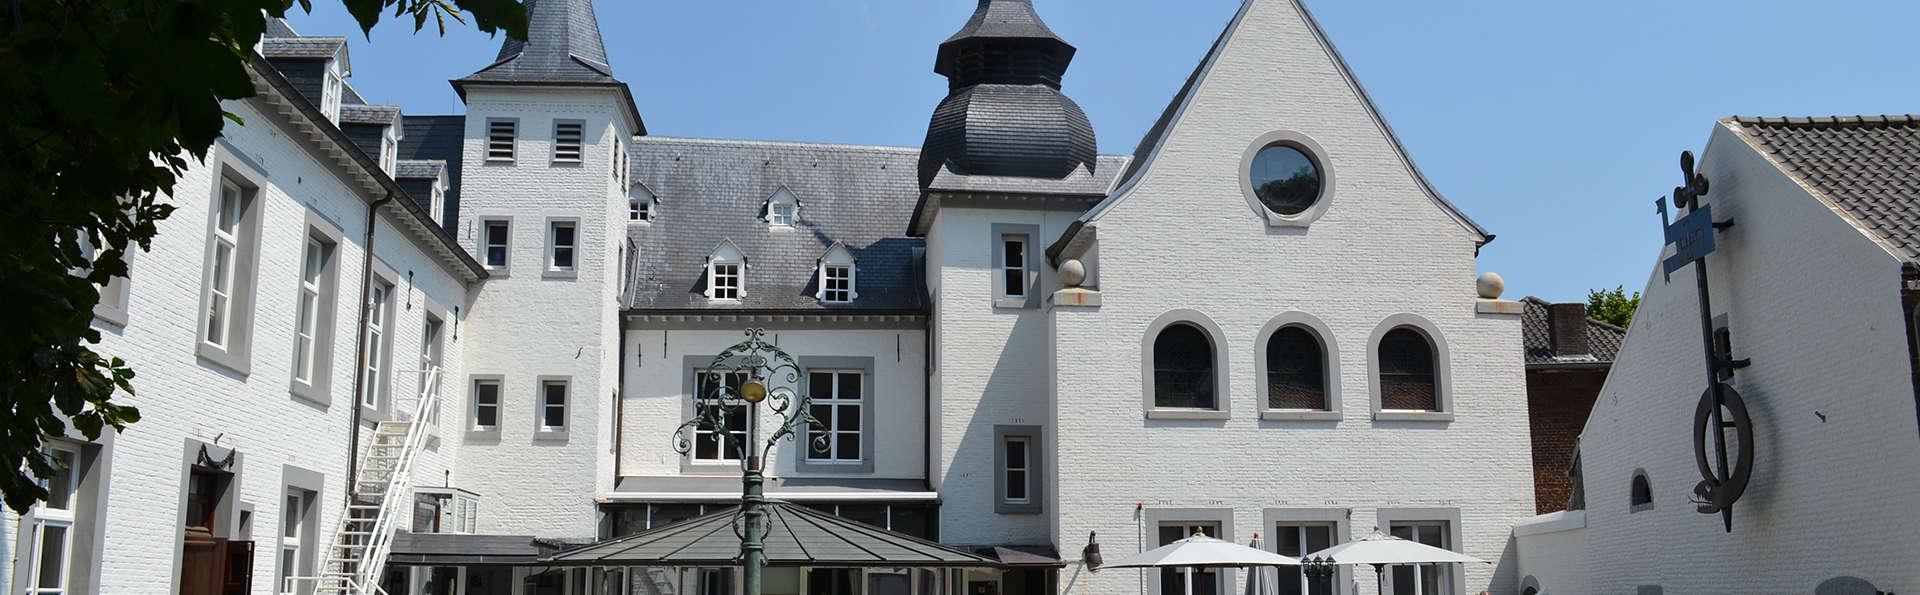 Dîner dans un ancien château dans le Limbourg néerlandais (à partir de 2 nuits)